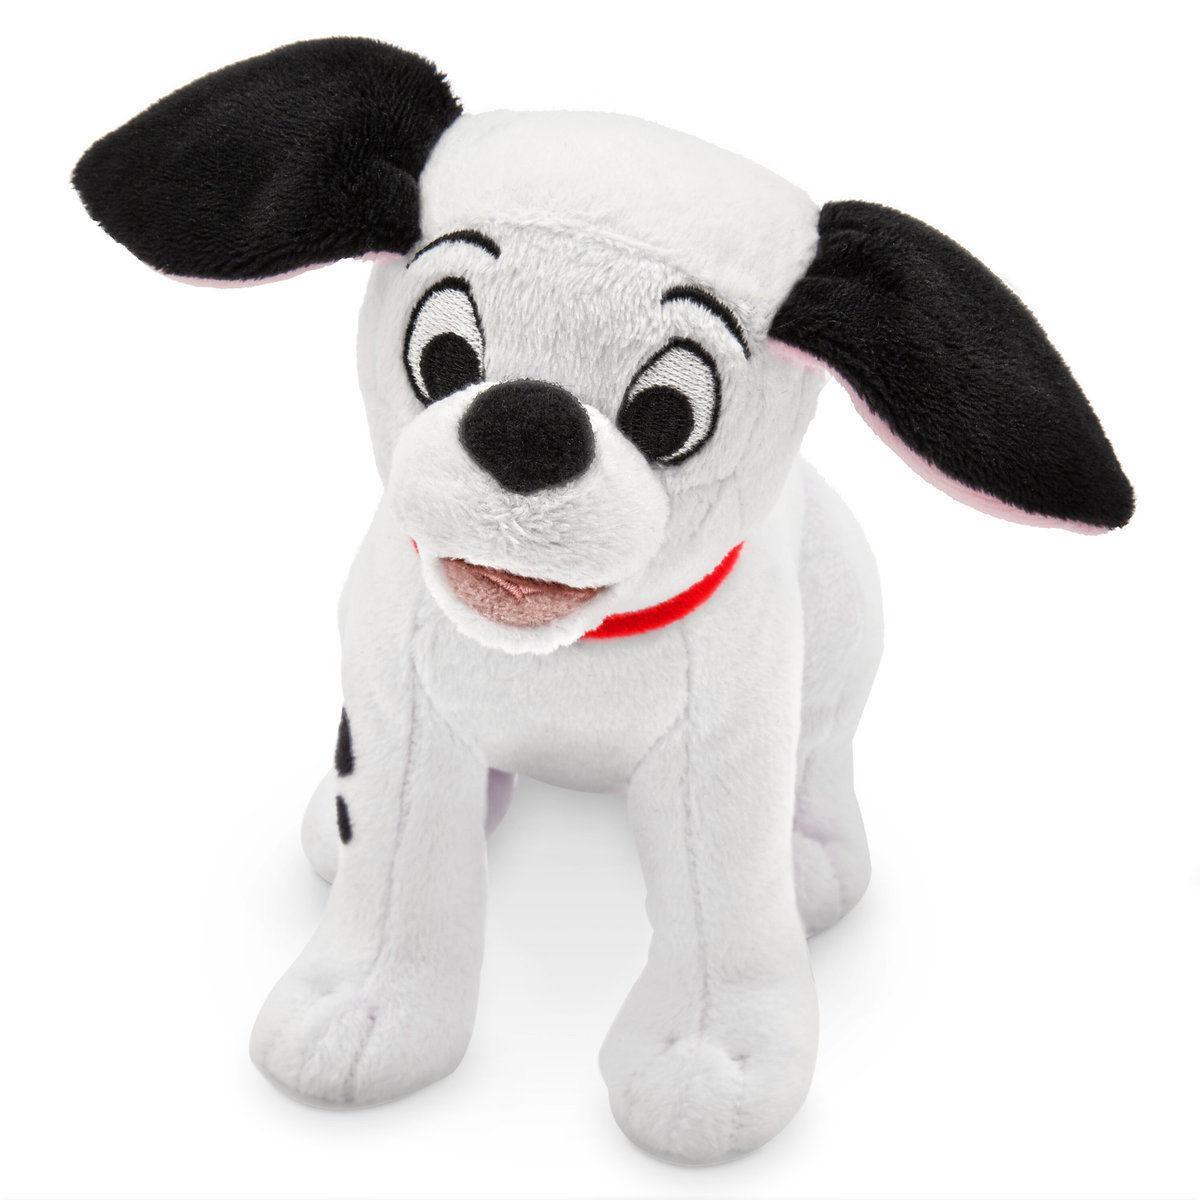 Disney Мягкая игрушка щенок Лаки 17см - 101 долматинец Дисней